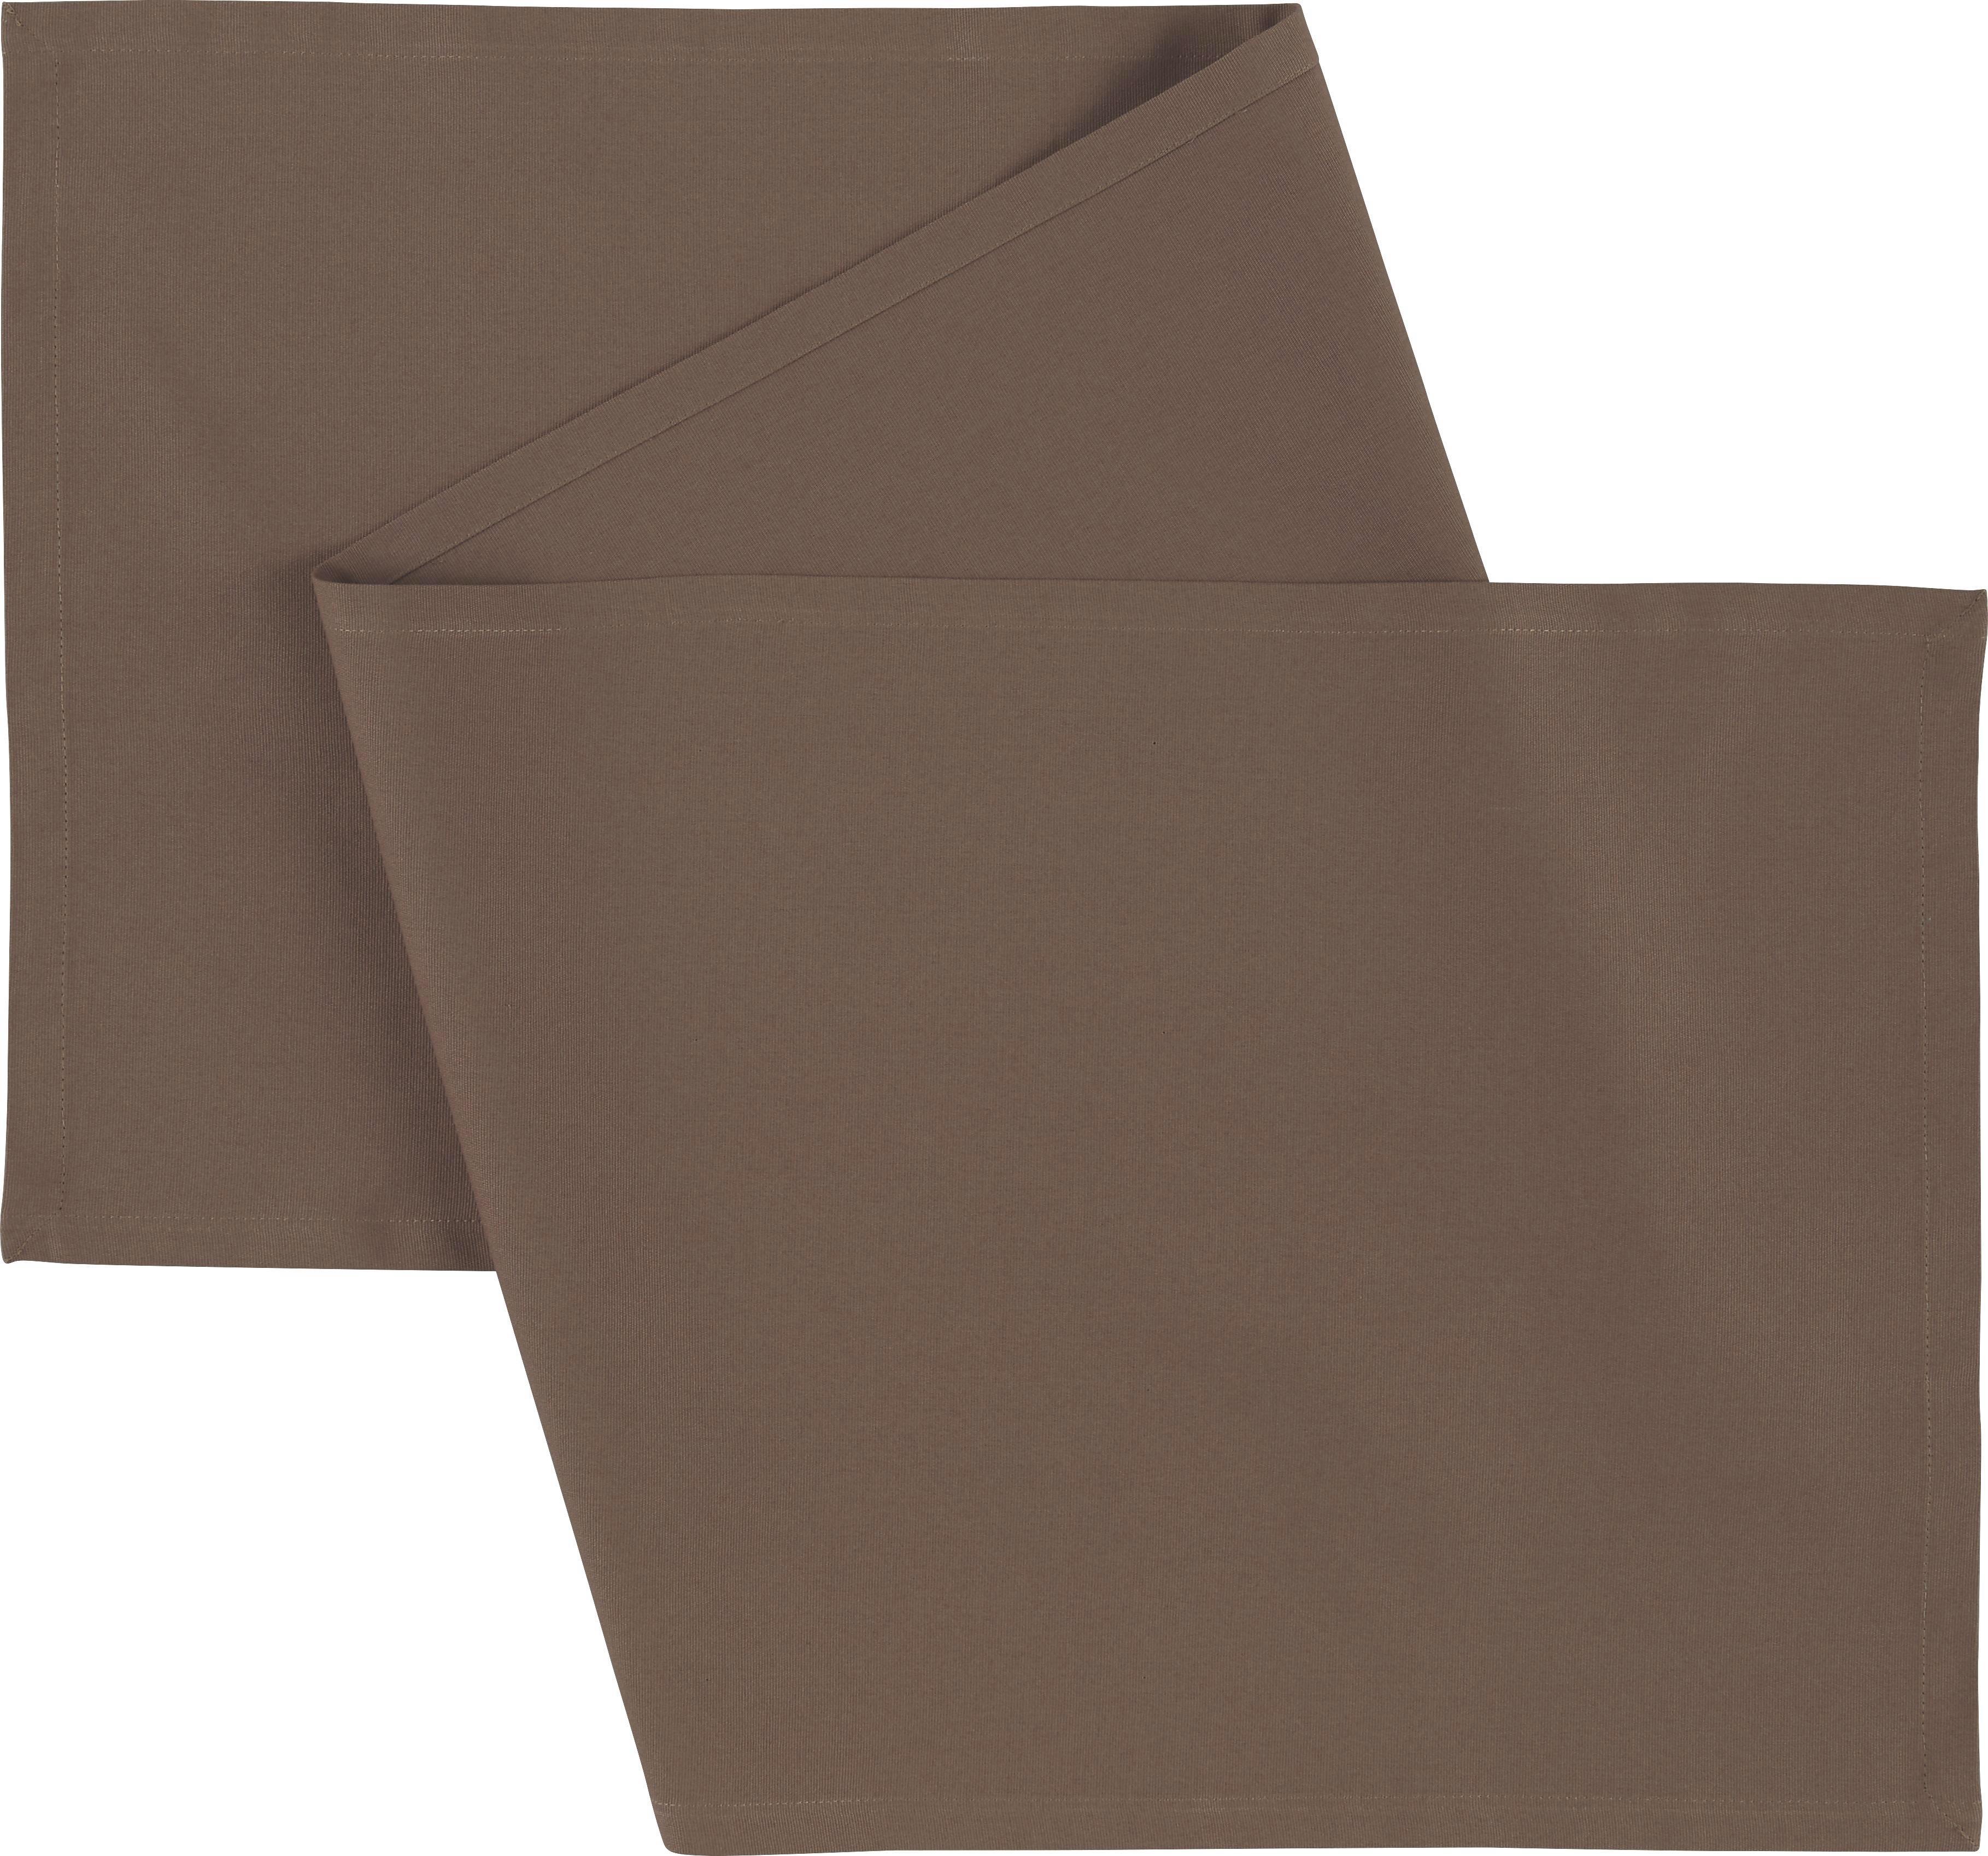 Tischläufer Steffi in Taupe - Taupe, Textil (45/150cm) - MÖMAX modern living